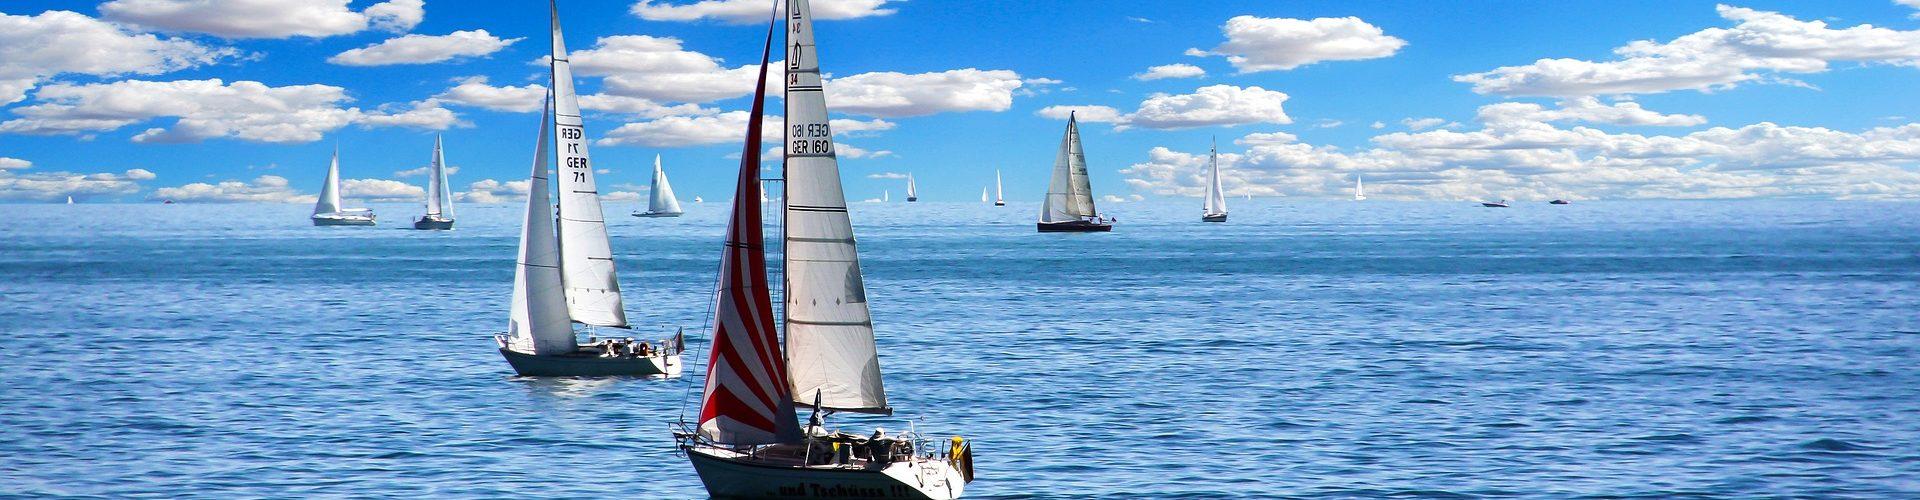 segeln lernen in Walsrode segelschein machen in Walsrode 1920x500 - Segeln lernen in Walsrode